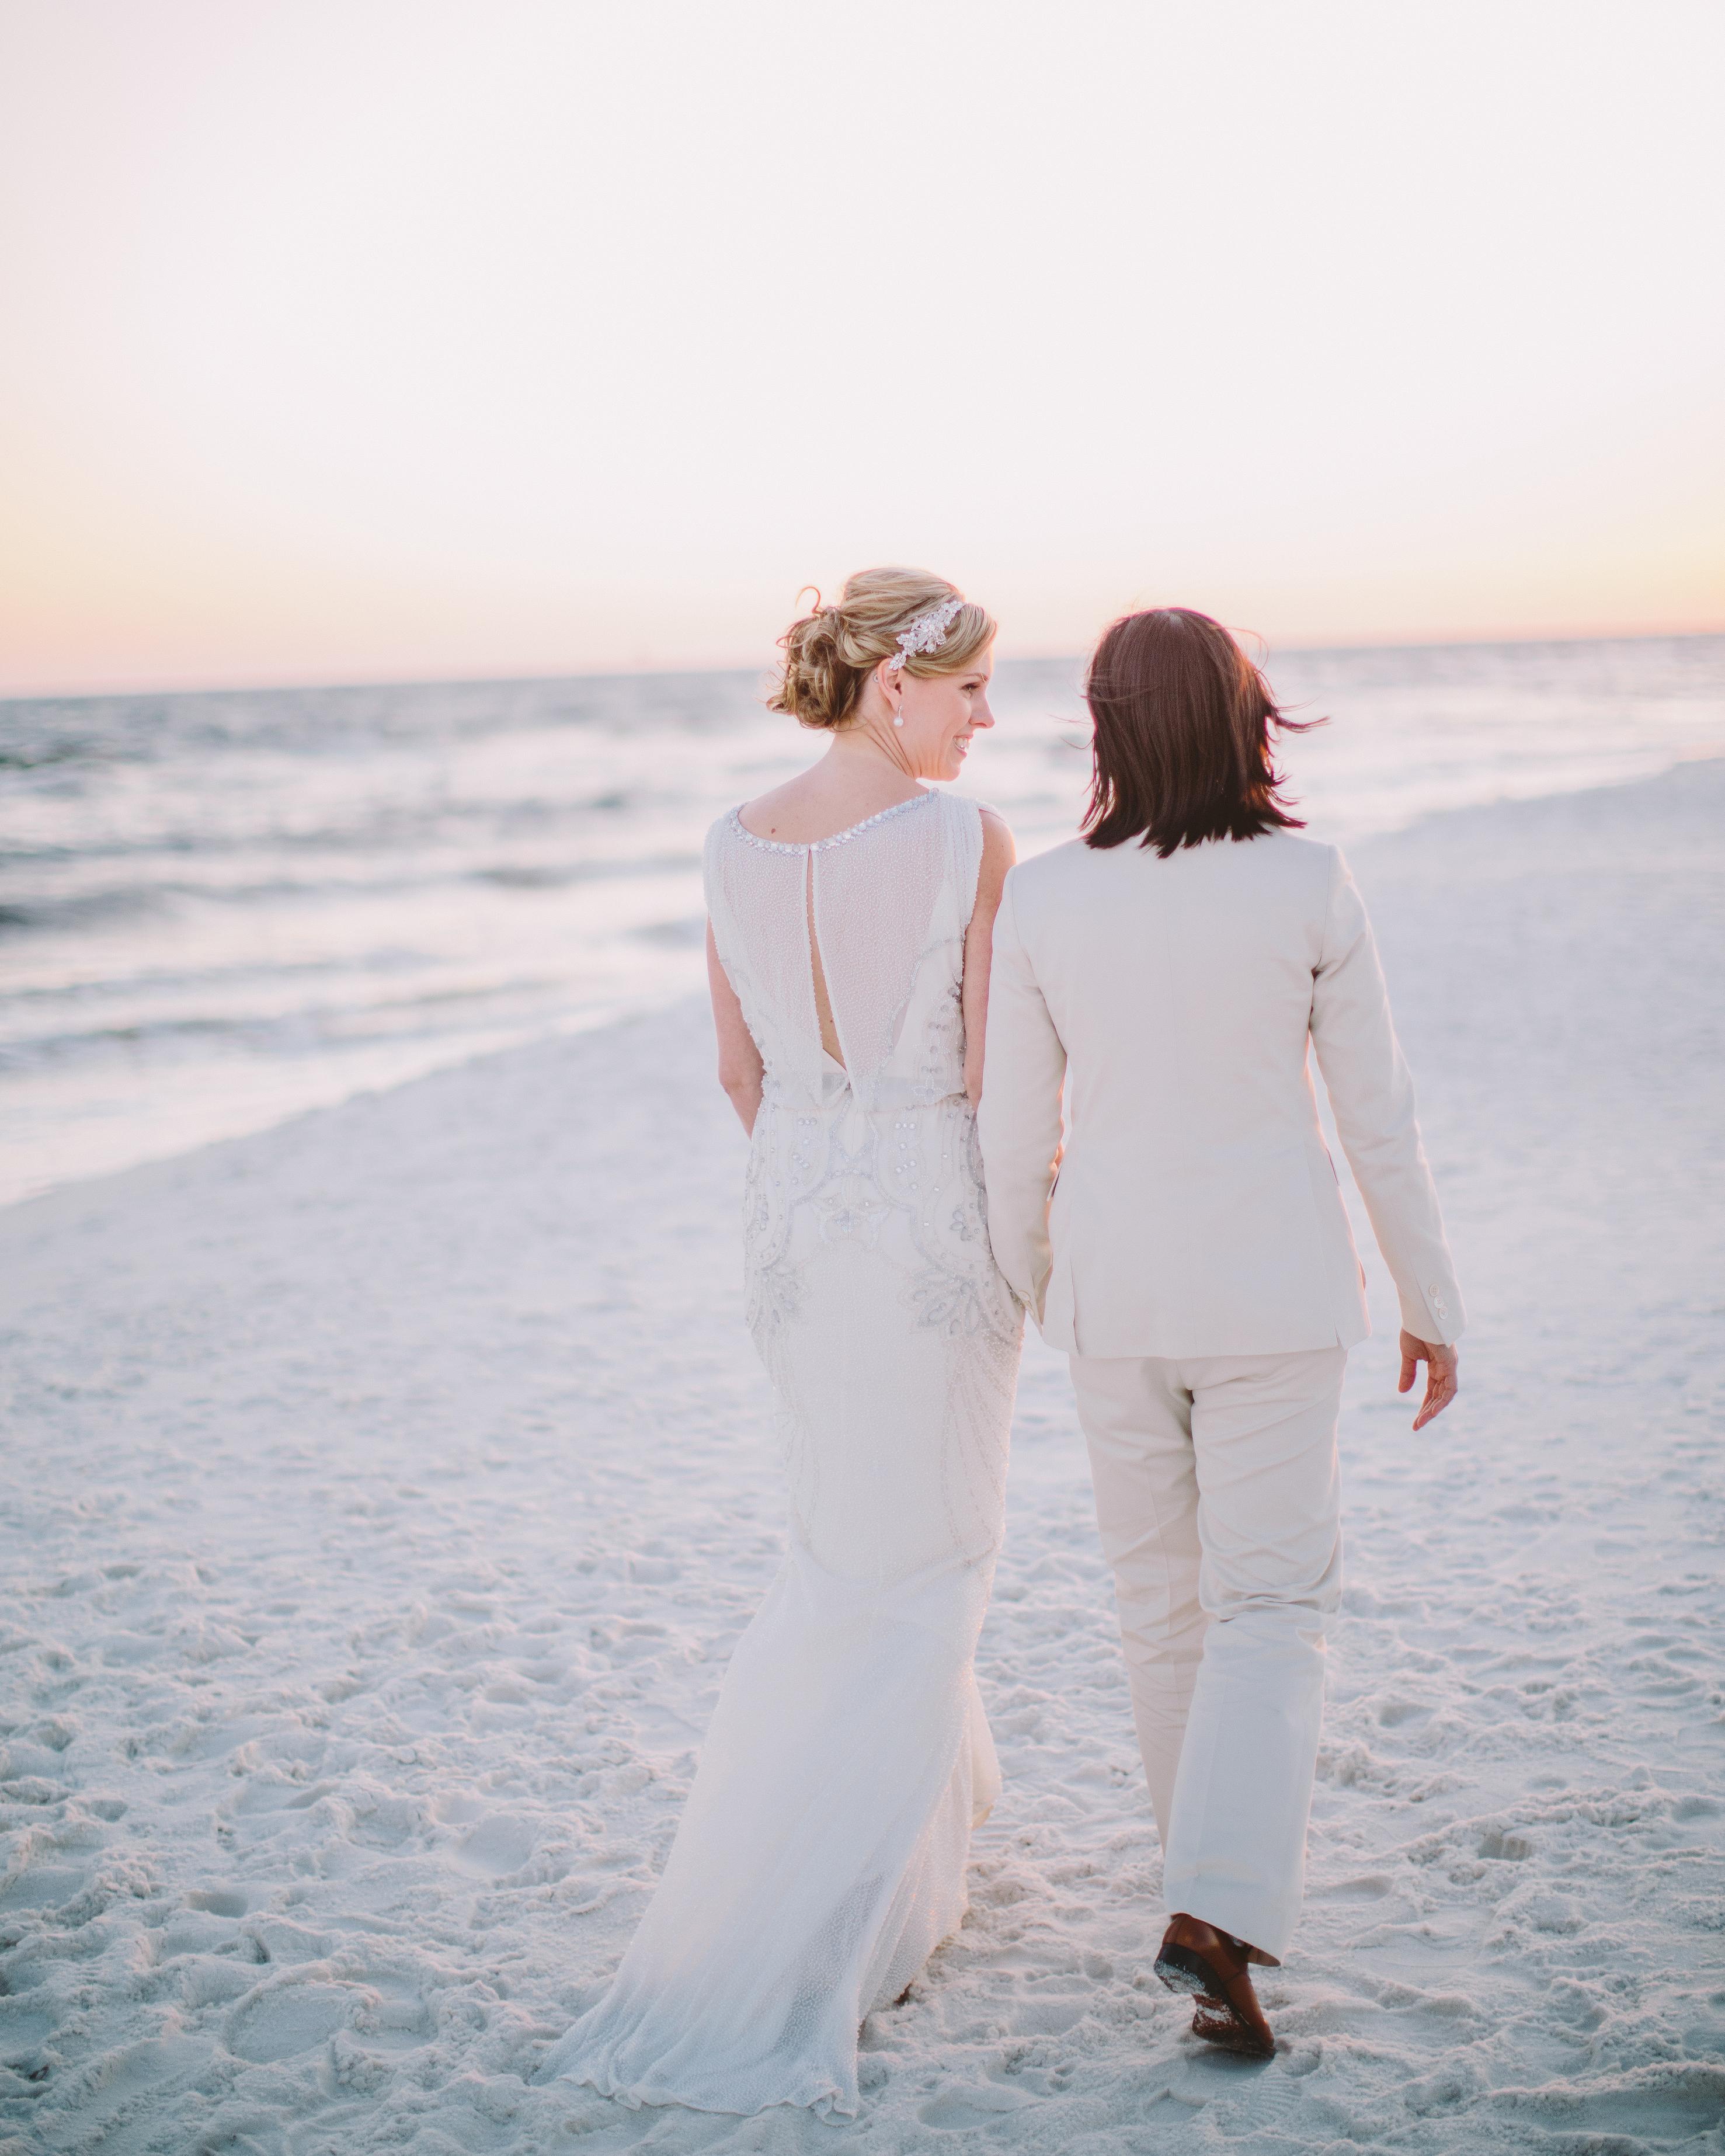 teresa-amanda-wedding-couple-0297-s111694-1114.jpg